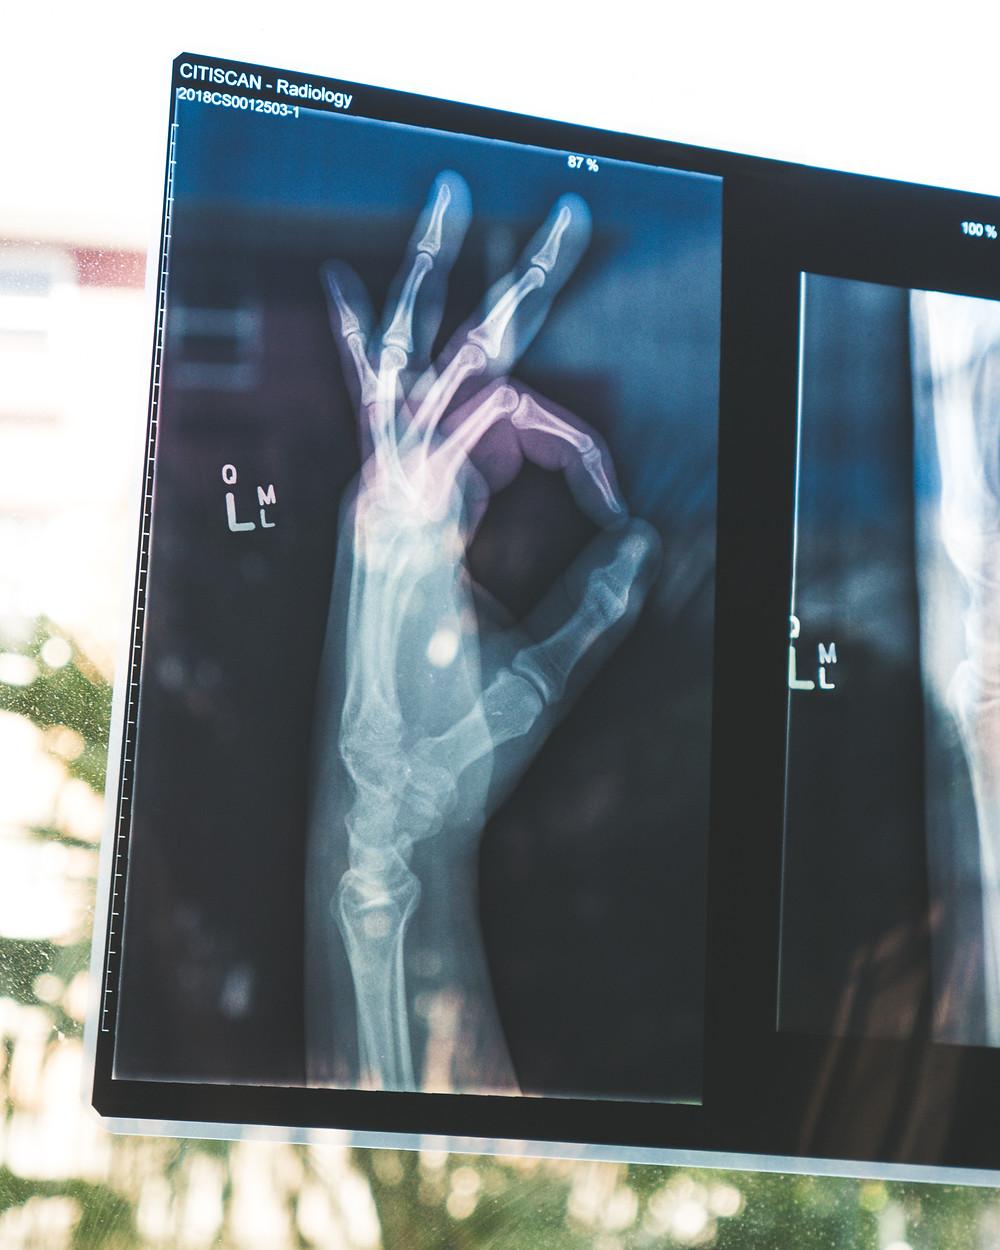 Figure 3.1: Hand X-ray